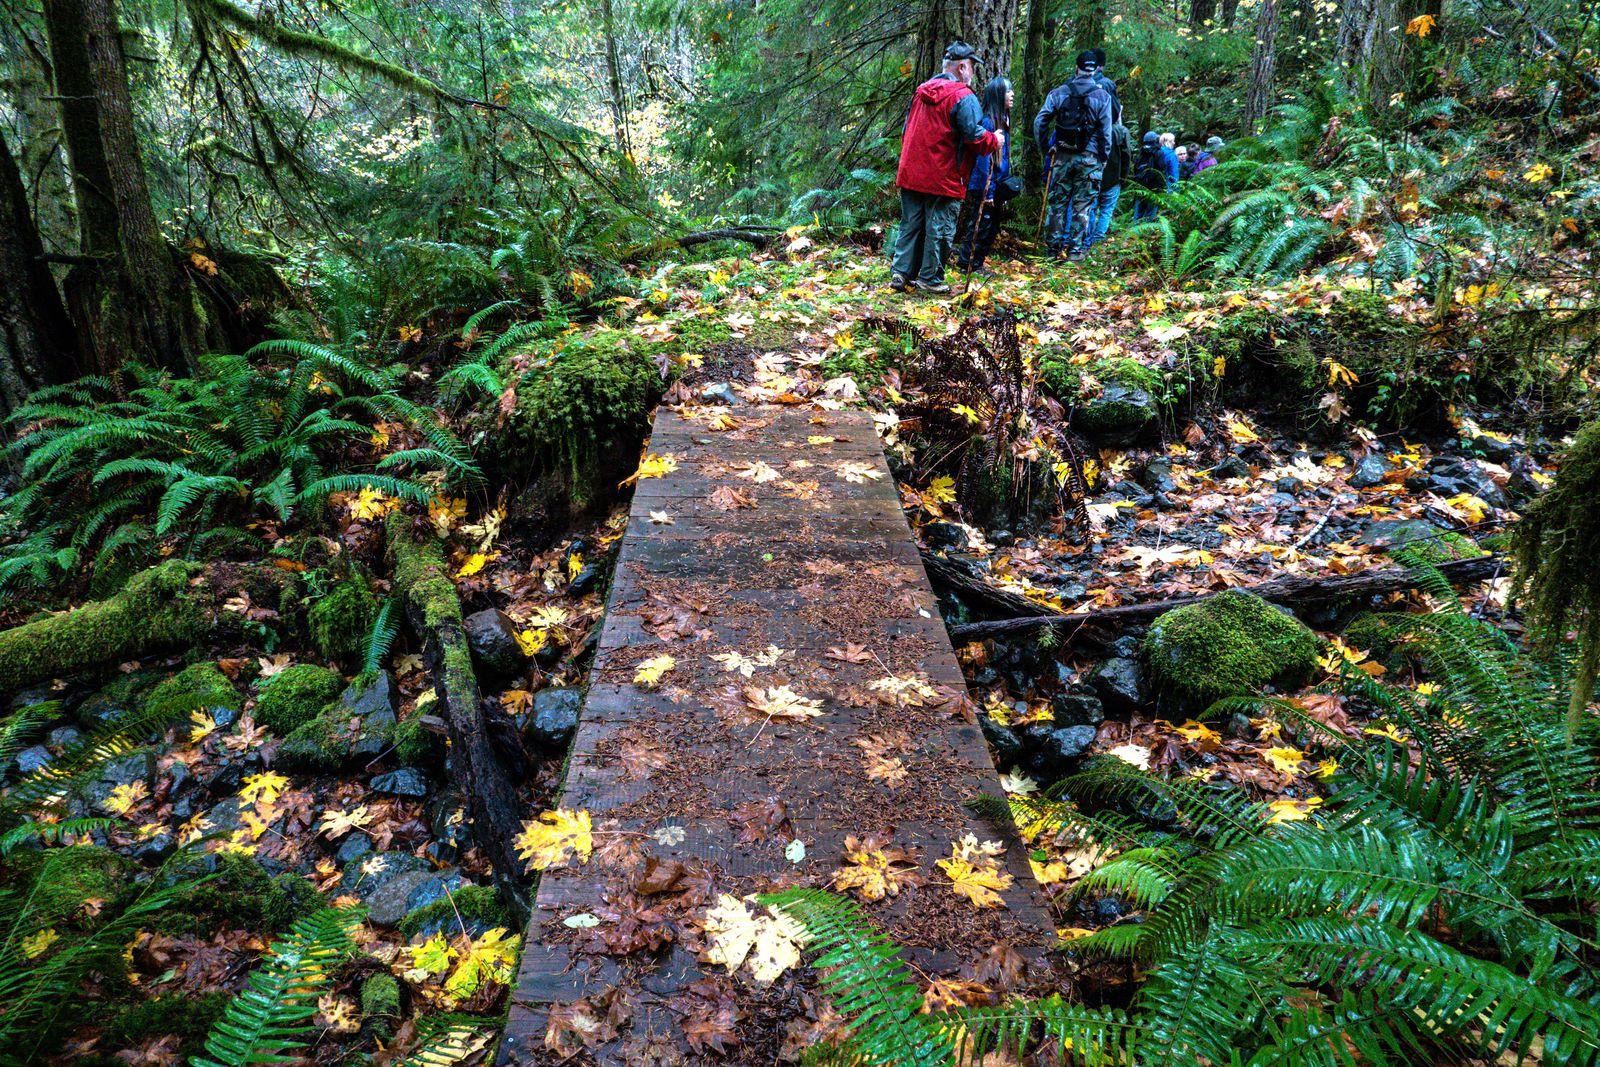 Fall leaves were everywhere